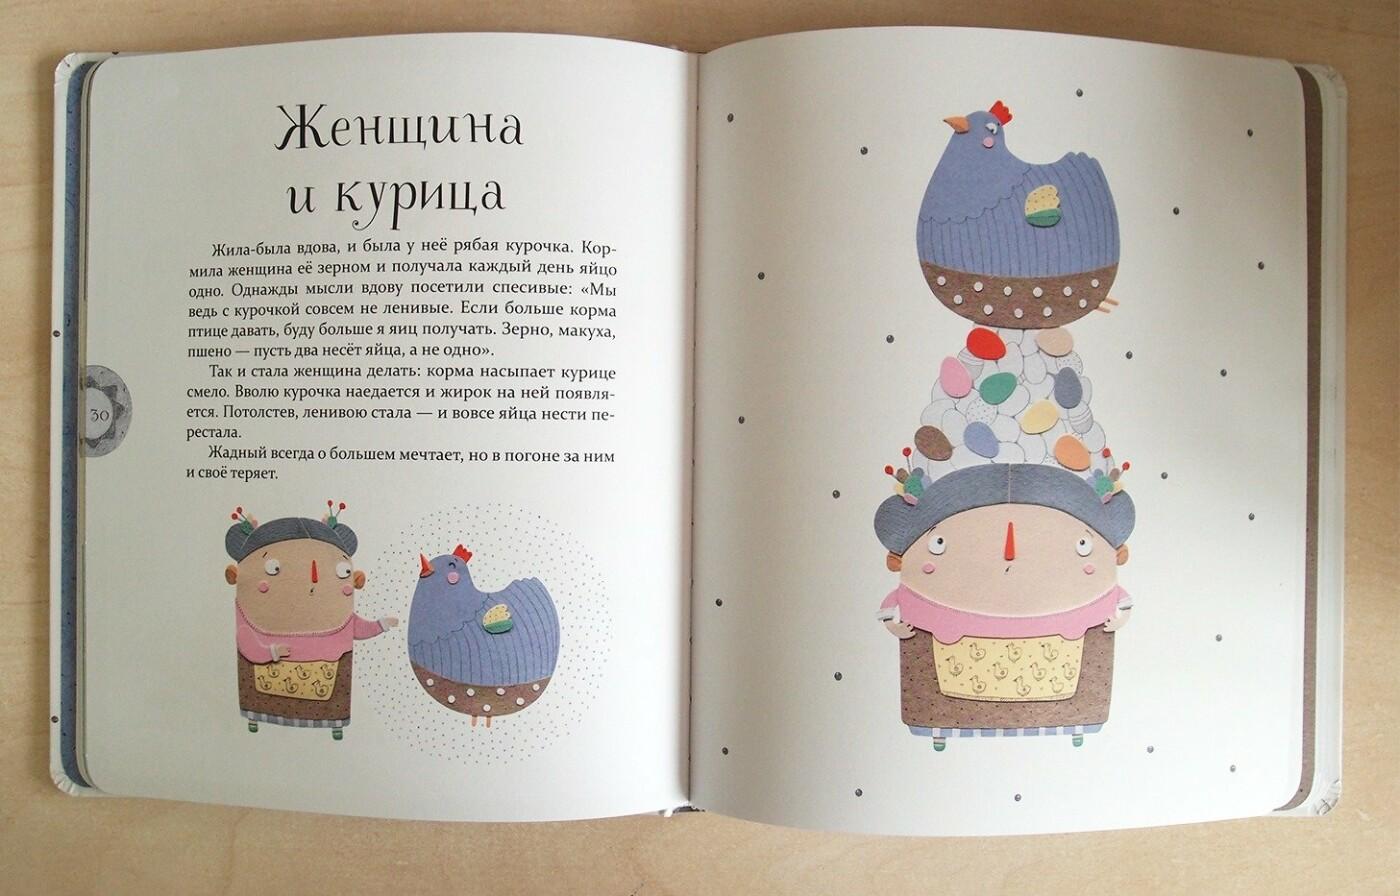 Художнє оформлення Катерини, Фото: Кирилл Рейда, Фейсбук